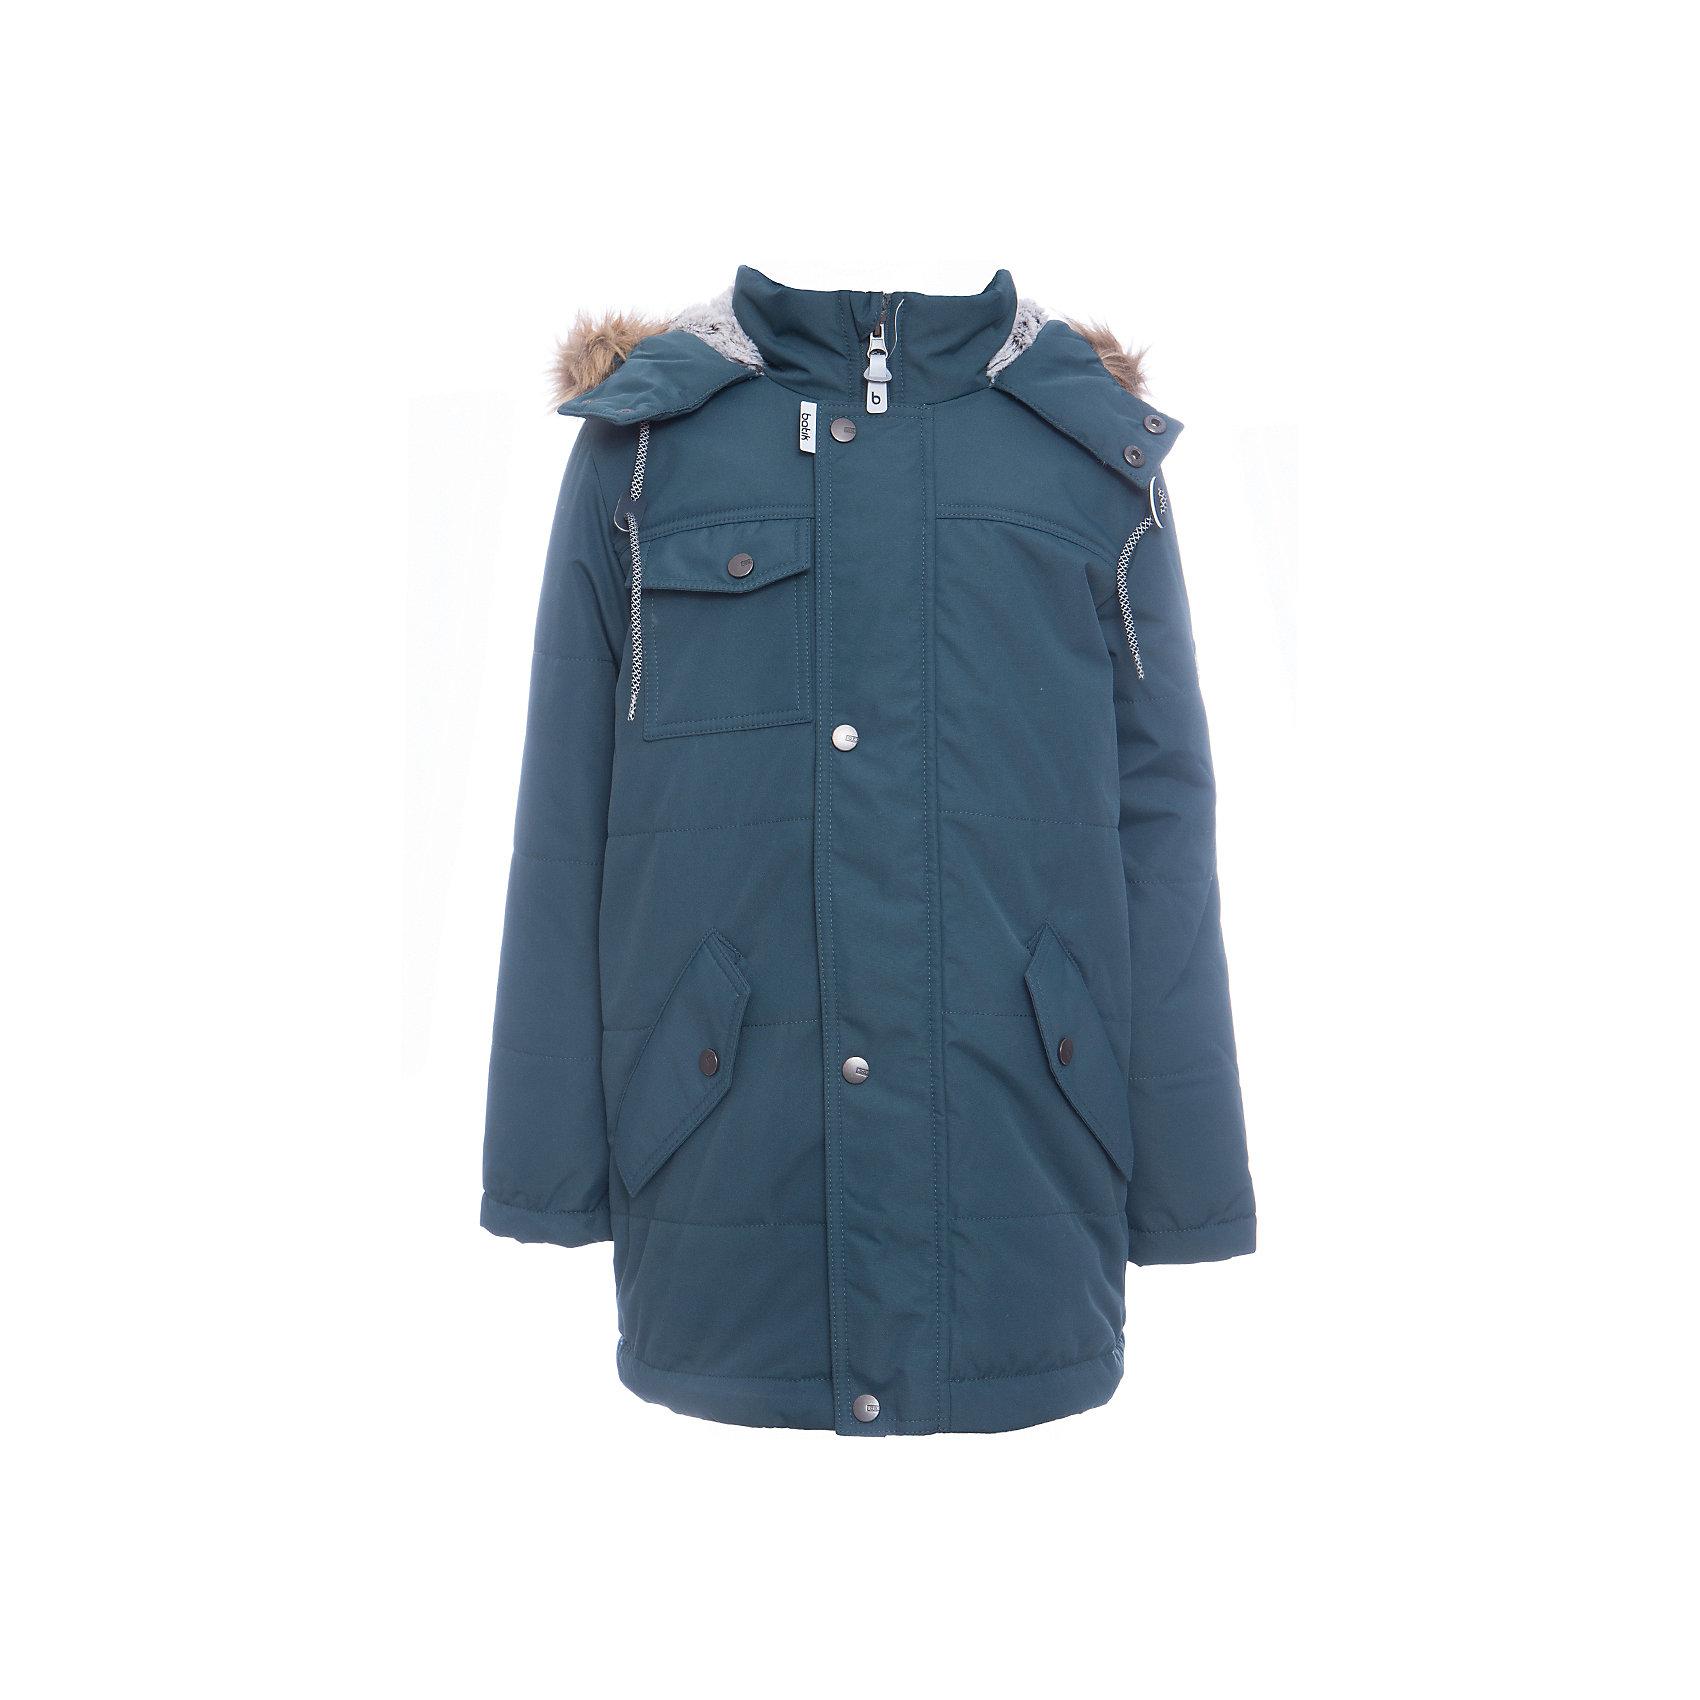 Куртка Лаки Batik для мальчикаВерхняя одежда<br>Характеристики товара:<br><br>• цвет: зеленый<br>• состав ткани: таслан<br>• подкладка: поларфлис<br>• утеплитель: слайтекс<br>• сезон: зима<br>• мембранное покрытие<br>• температурный режим: от -35 до 0<br>• водонепроницаемость: 5000 мм <br>• паропроницаемость: 5000 г/м2<br>• плотность утеплителя: 300 г/м2<br>• застежка: молния<br>• капюшон: с мехом, съемный<br>• страна бренда: Россия<br>• страна изготовитель: Россия<br><br>Зимняя куртка Batik для мальчика благодаря мембранному покрытию подходит для ношения в сильные морозы. Детская куртка от бренда Batik отличается удобным капюшоном и карманами. Мембранная зимняя куртка стильная и теплая. Мембранное покрытие детской куртки не задерживает воздух, но защищает от влаги, ветра и холода. <br><br>Куртку Лаки Batik (Батик) для мальчика можно купить в нашем интернет-магазине.<br><br>Ширина мм: 356<br>Глубина мм: 10<br>Высота мм: 245<br>Вес г: 519<br>Цвет: зеленый<br>Возраст от месяцев: 84<br>Возраст до месяцев: 96<br>Пол: Мужской<br>Возраст: Детский<br>Размер: 128,146,140,134<br>SKU: 7028429